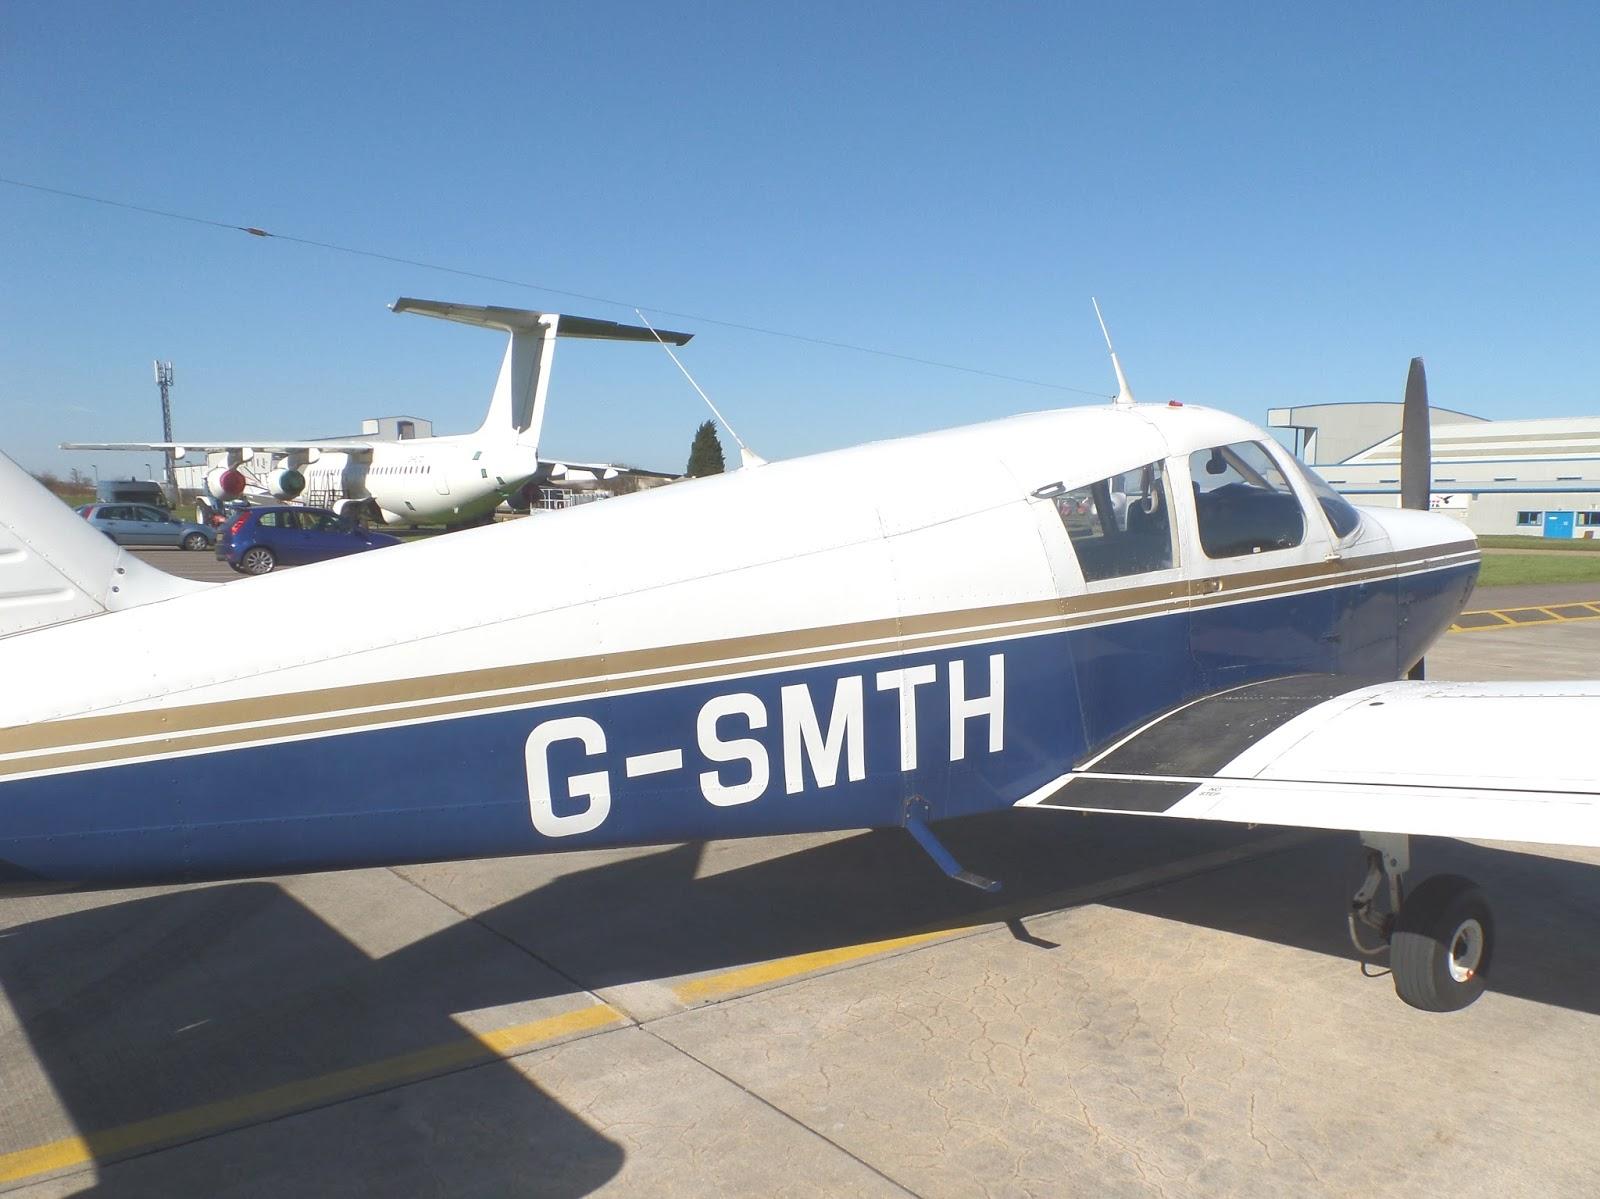 Luke's Propeller Plane